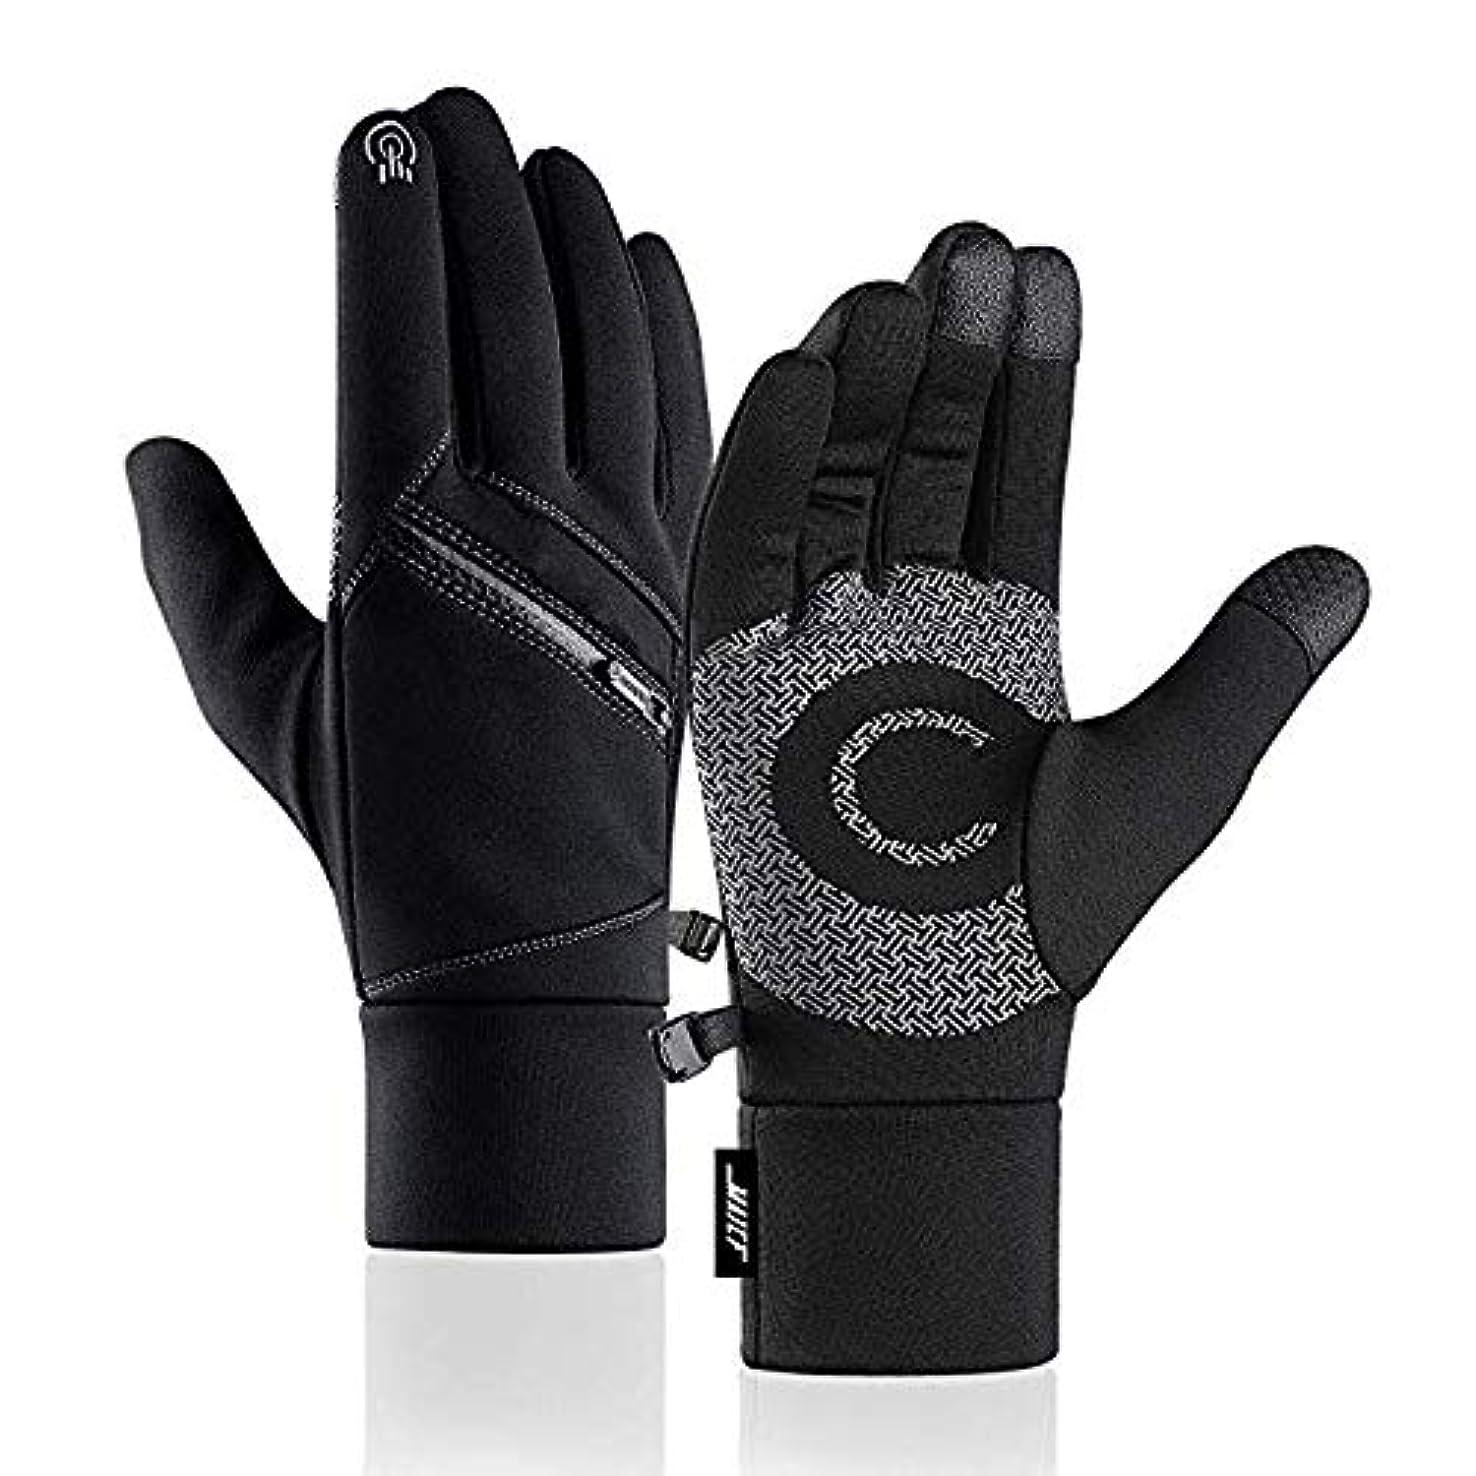 消毒する袋放棄冬の手袋、ダブルレイヤー肥厚タッチスクリーンウォーム手袋男性&女性,黒,XXL